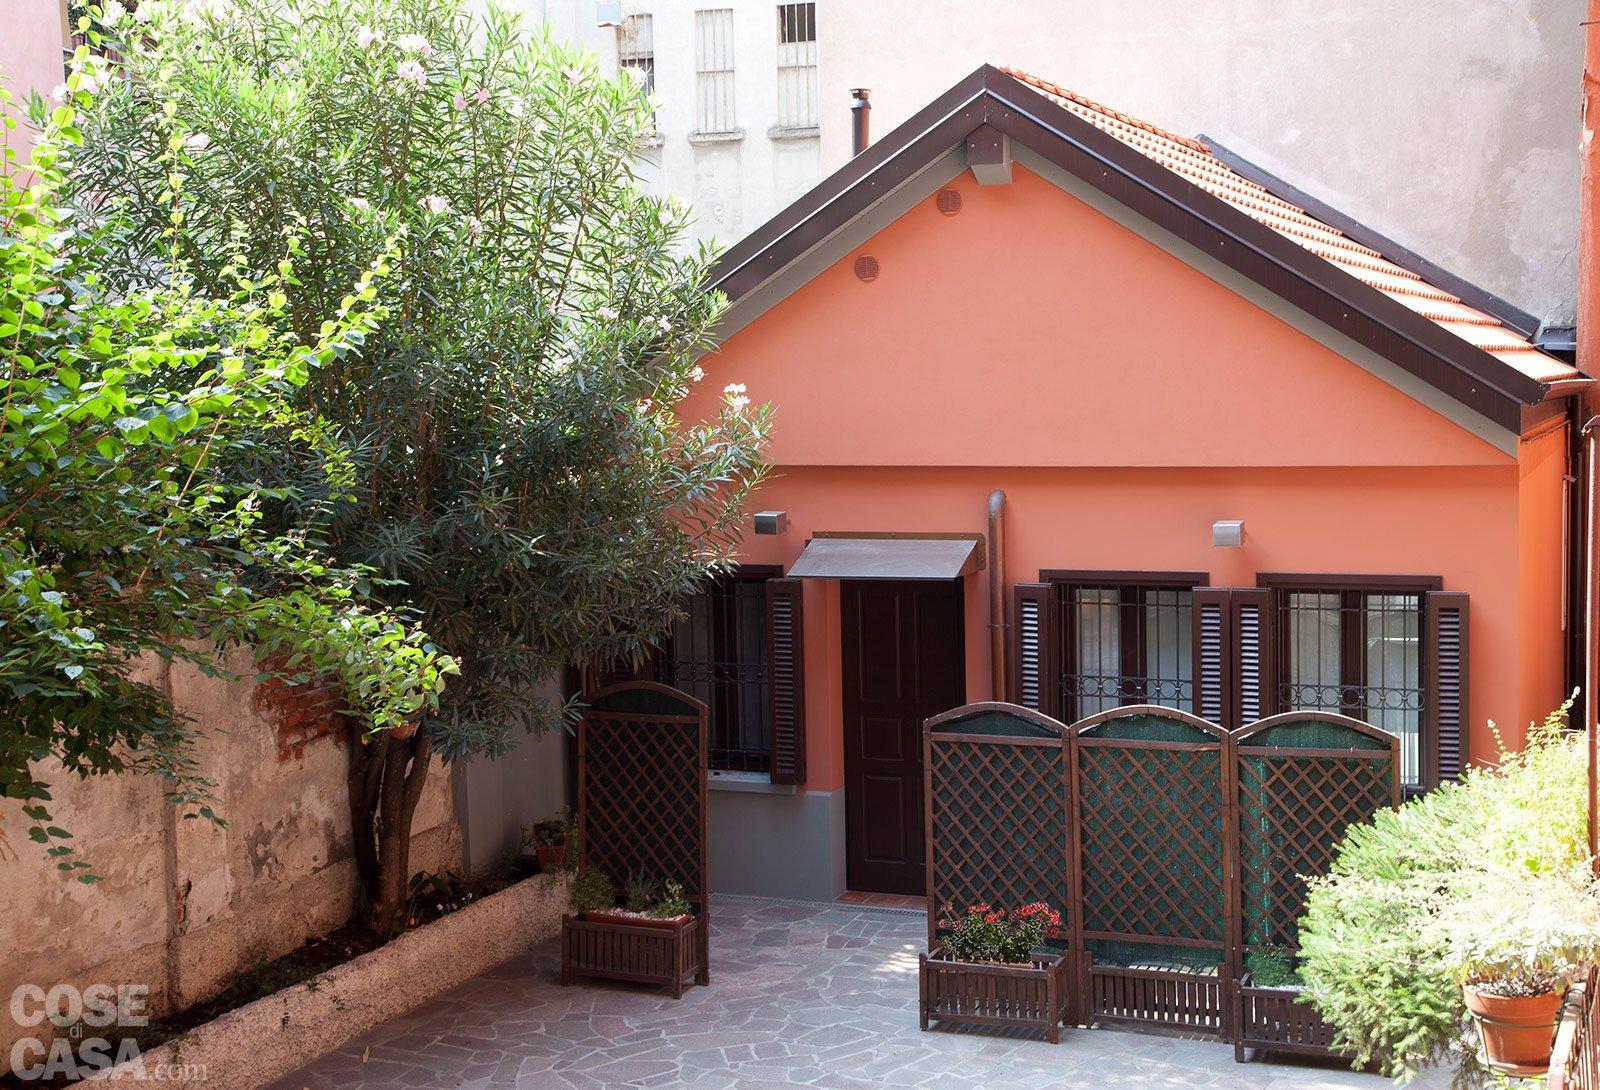 Casabook immobiliare da box a casa un incredibile - Ingresso casa esterno ...